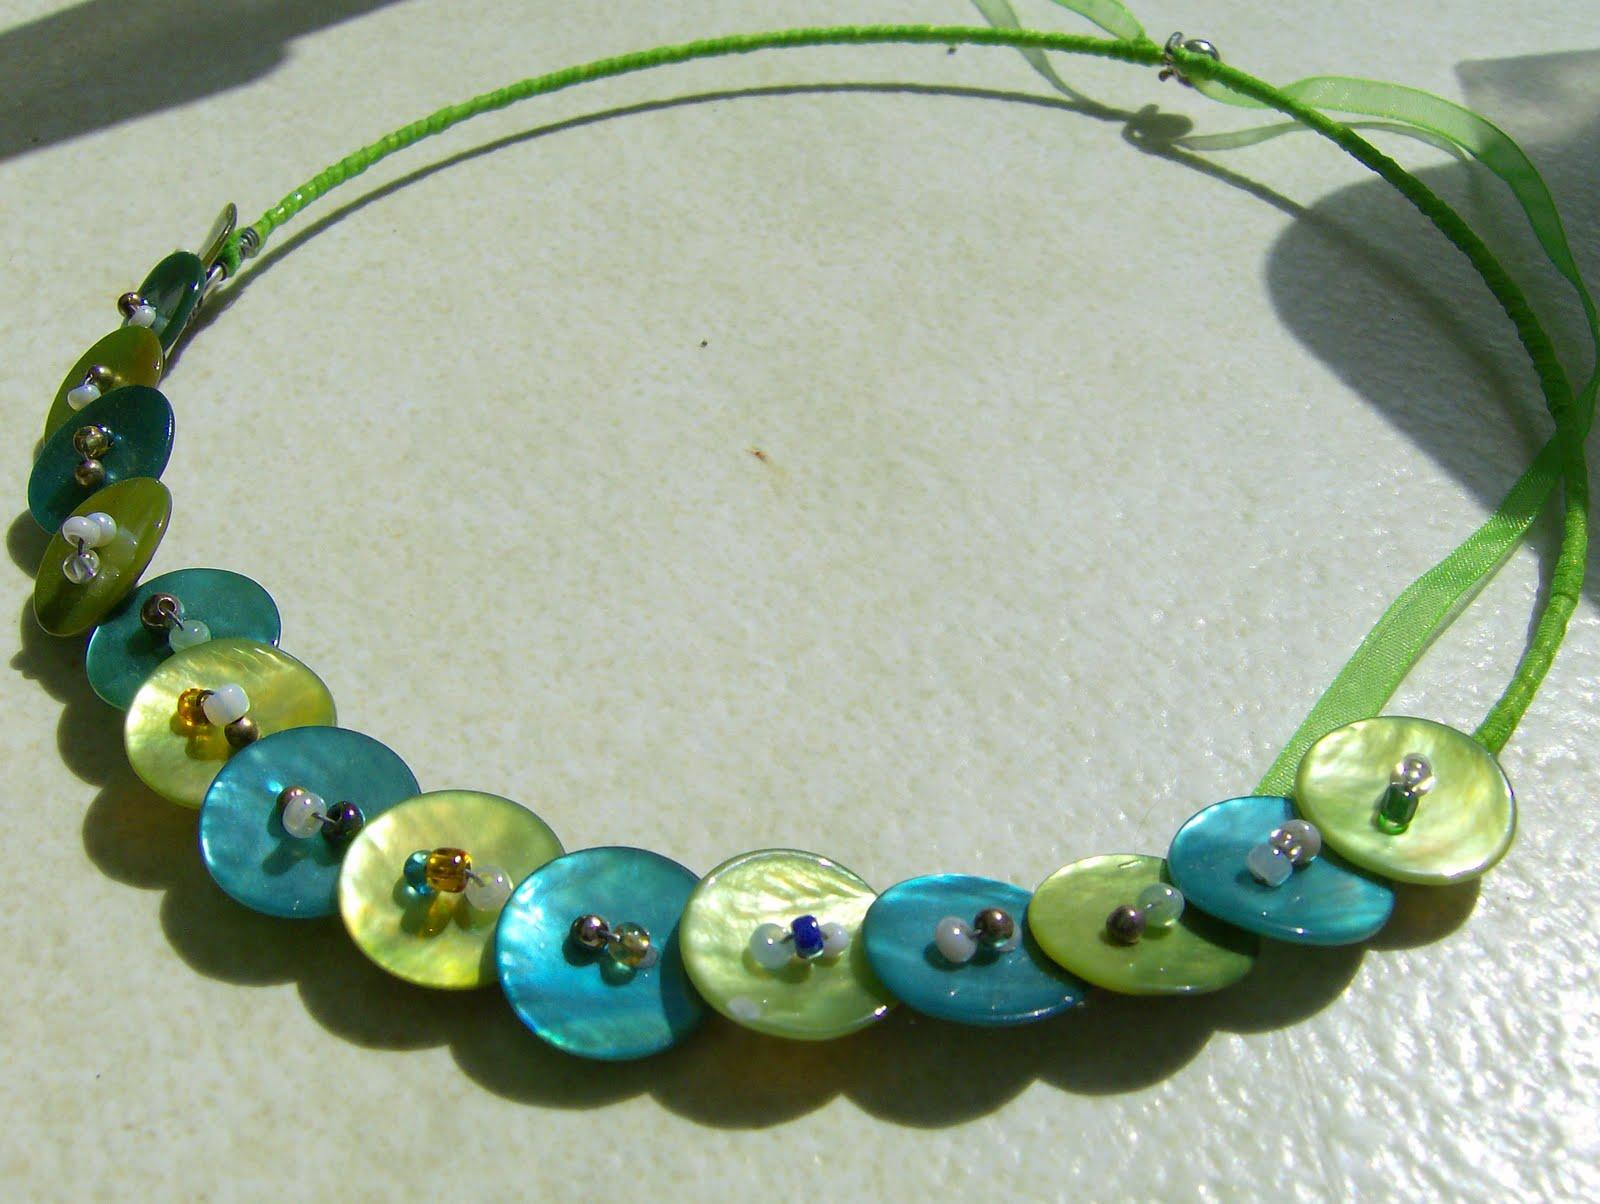 Kék és zöld gombos karkötő gyöngyökkel